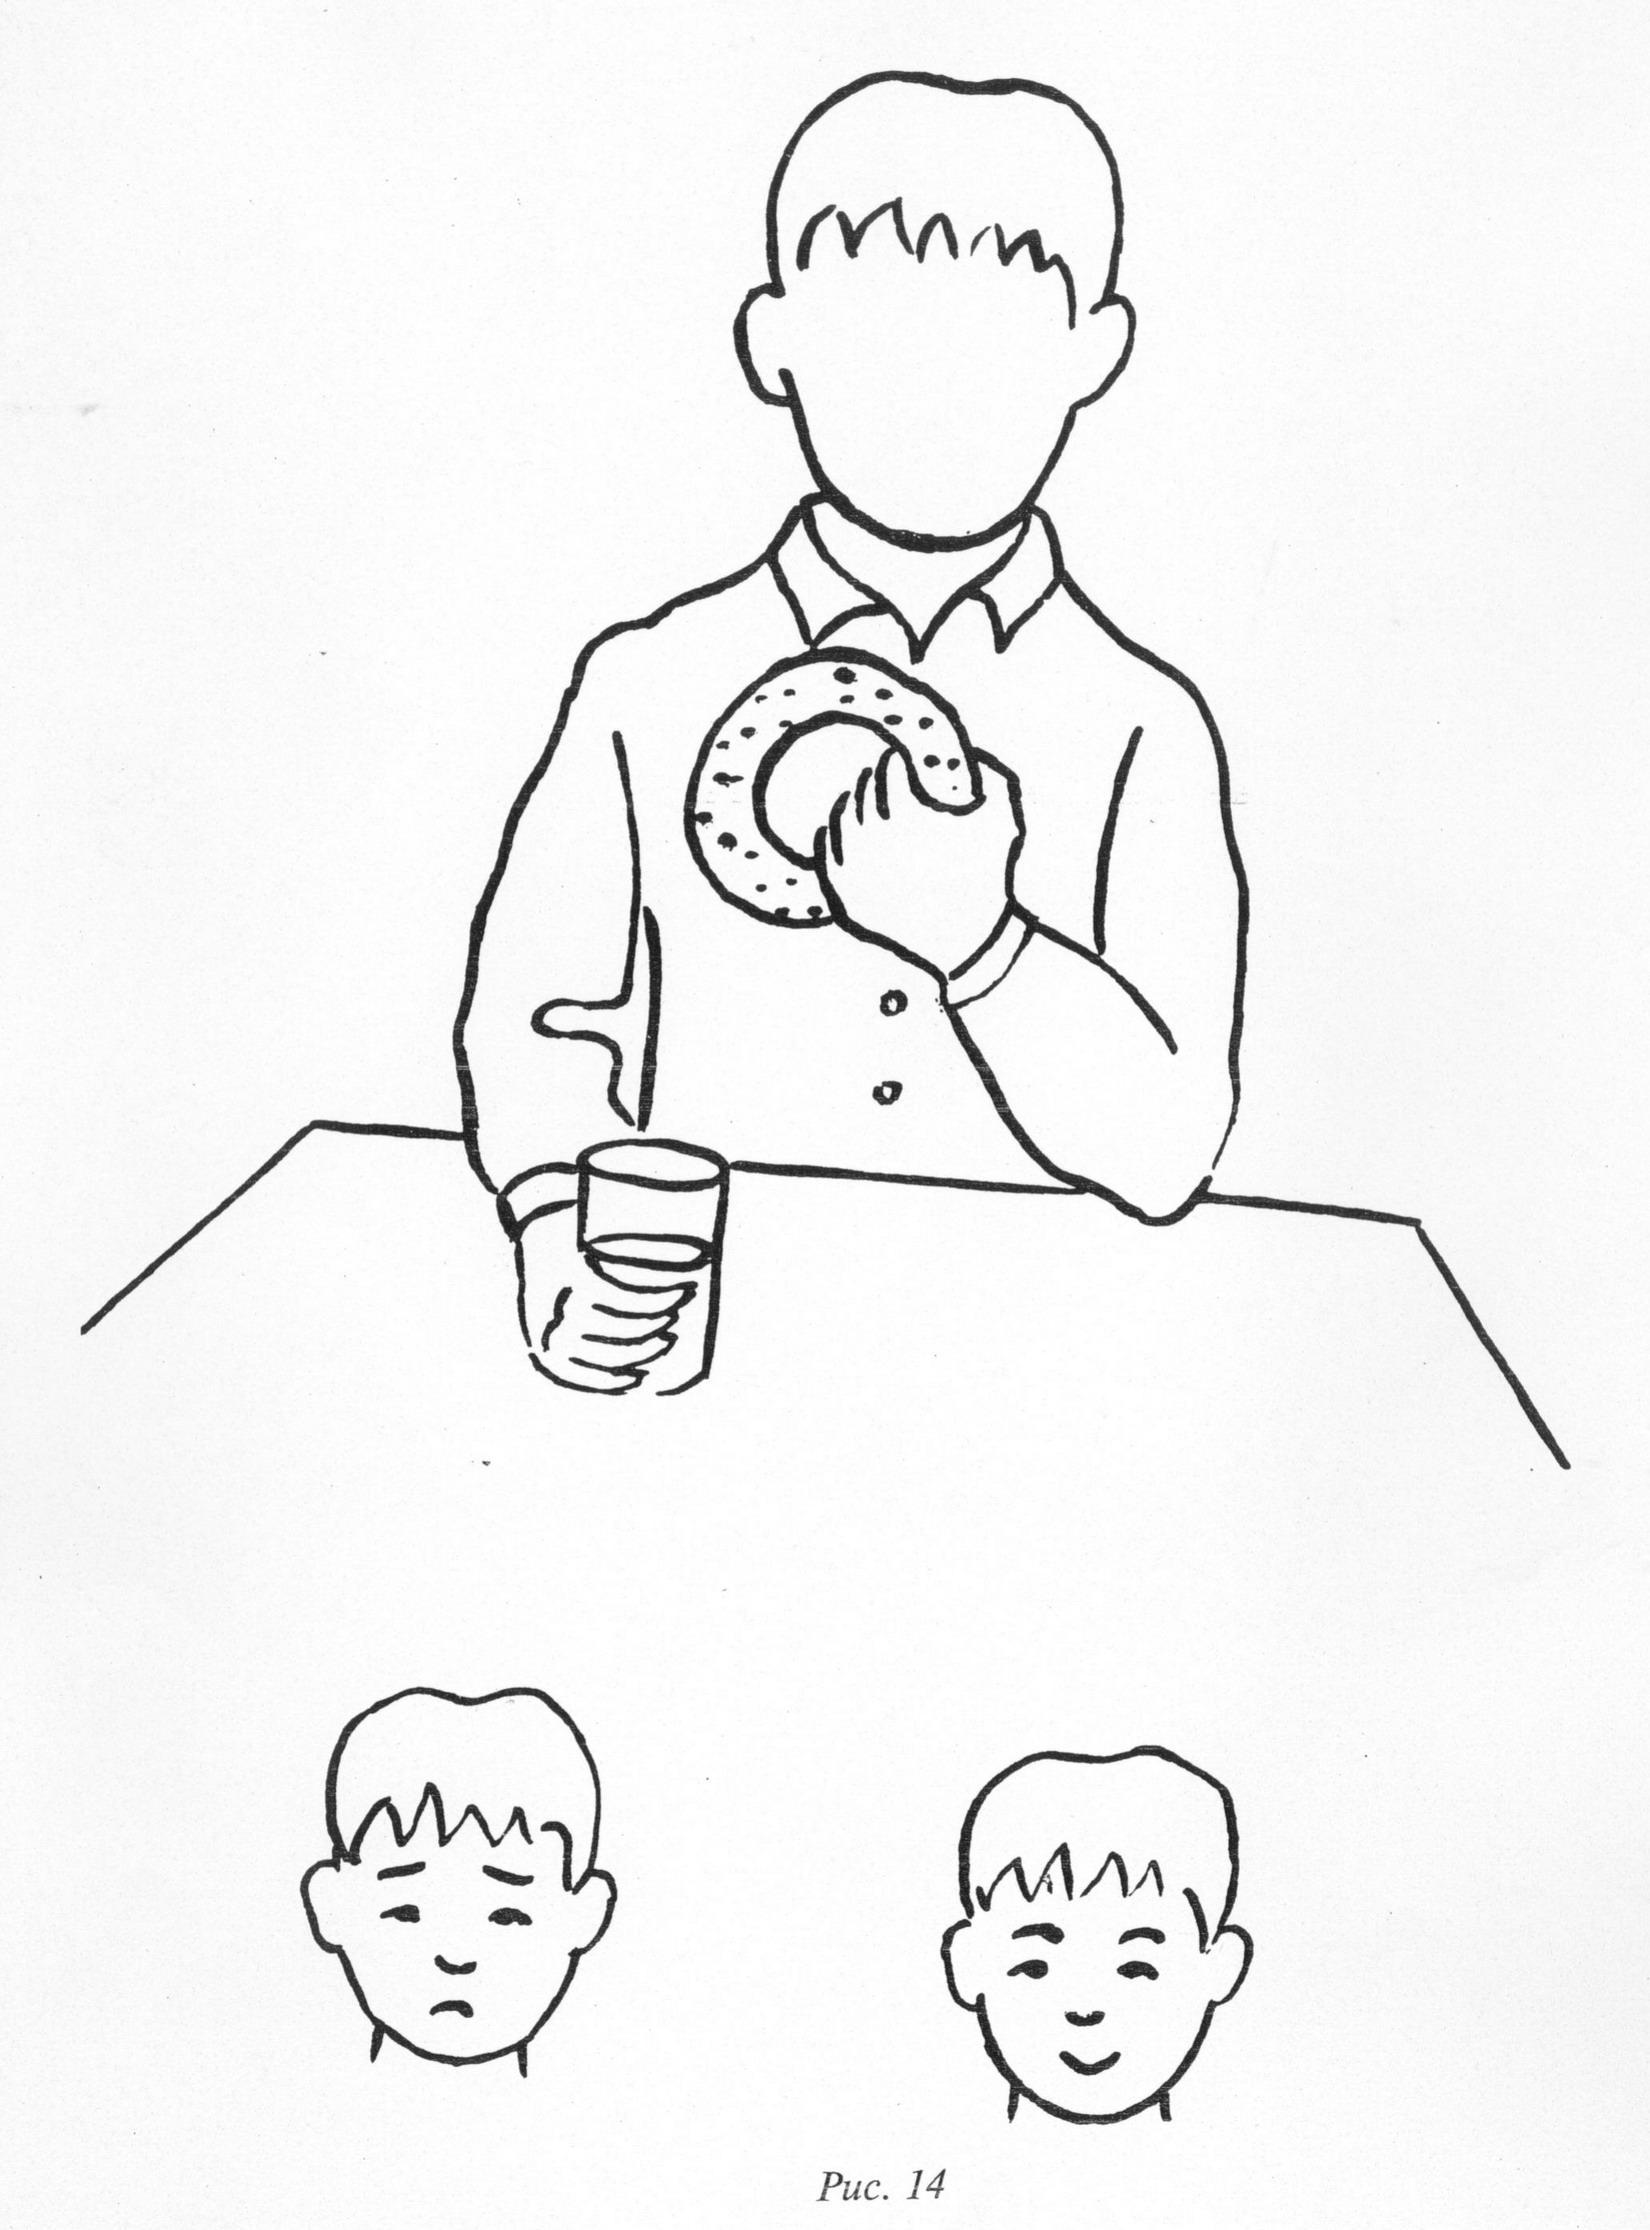 завершения методика каплан привязанность картинки традиционные вкусности